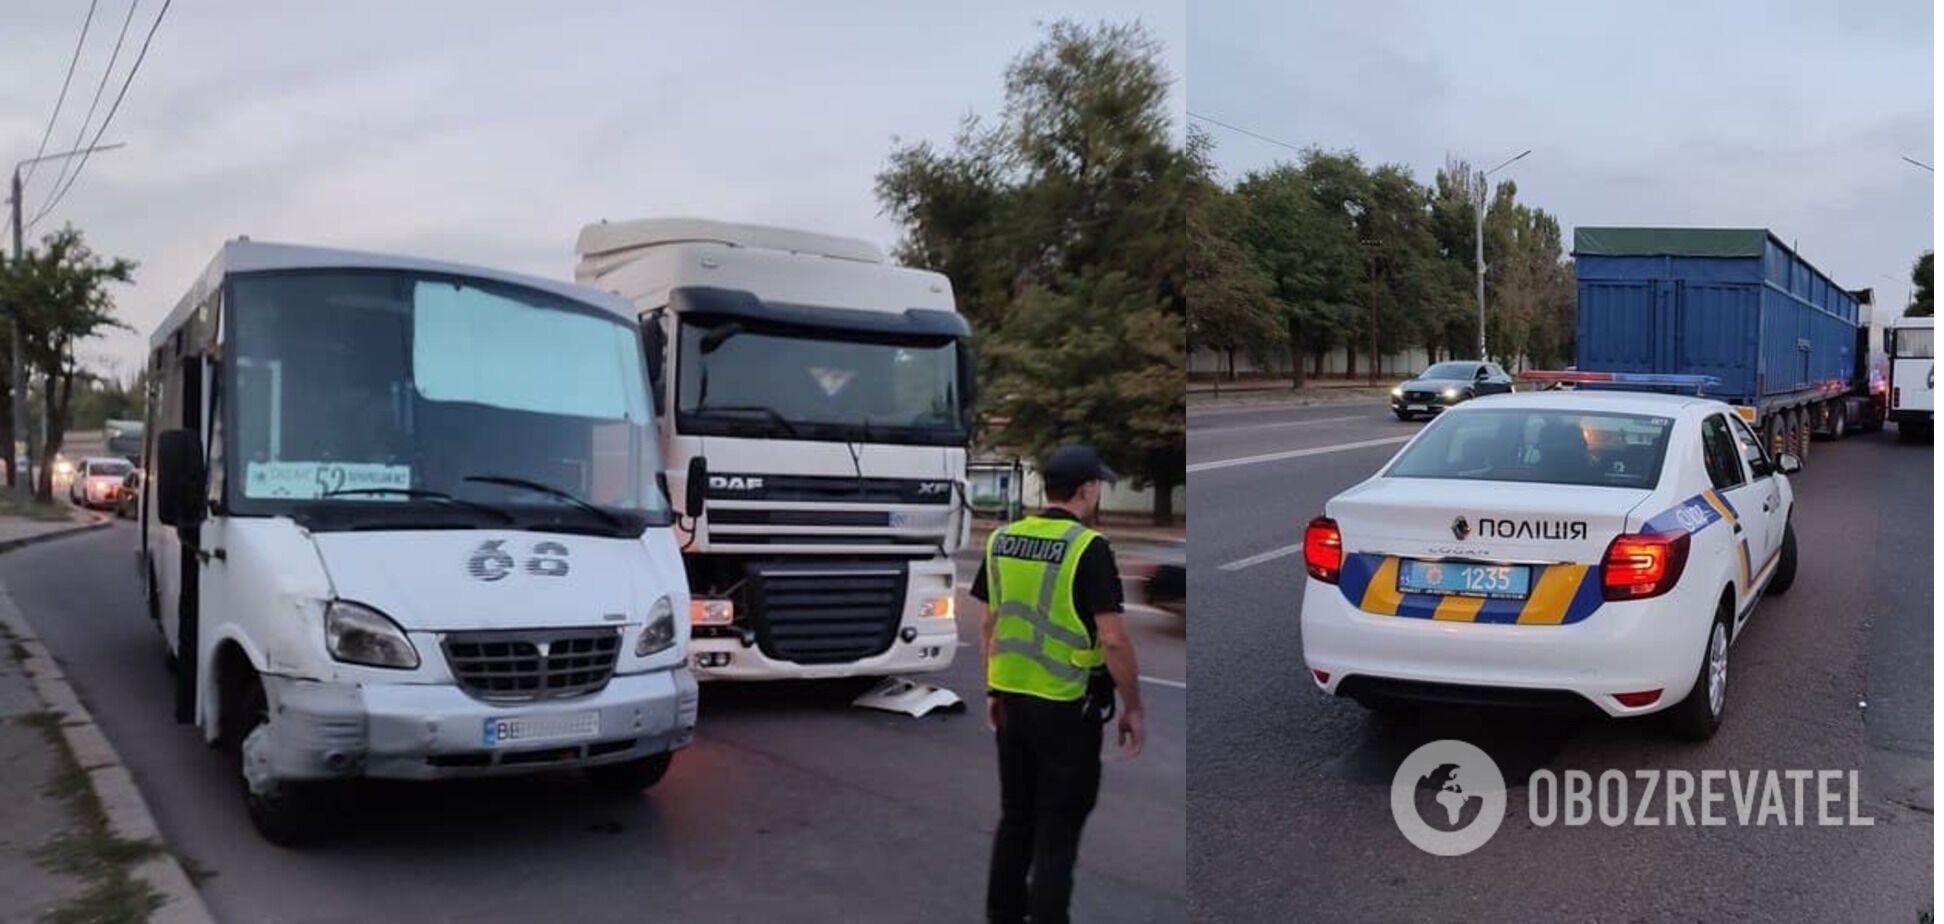 Конфлікт на дорозі припинив патруль поліції